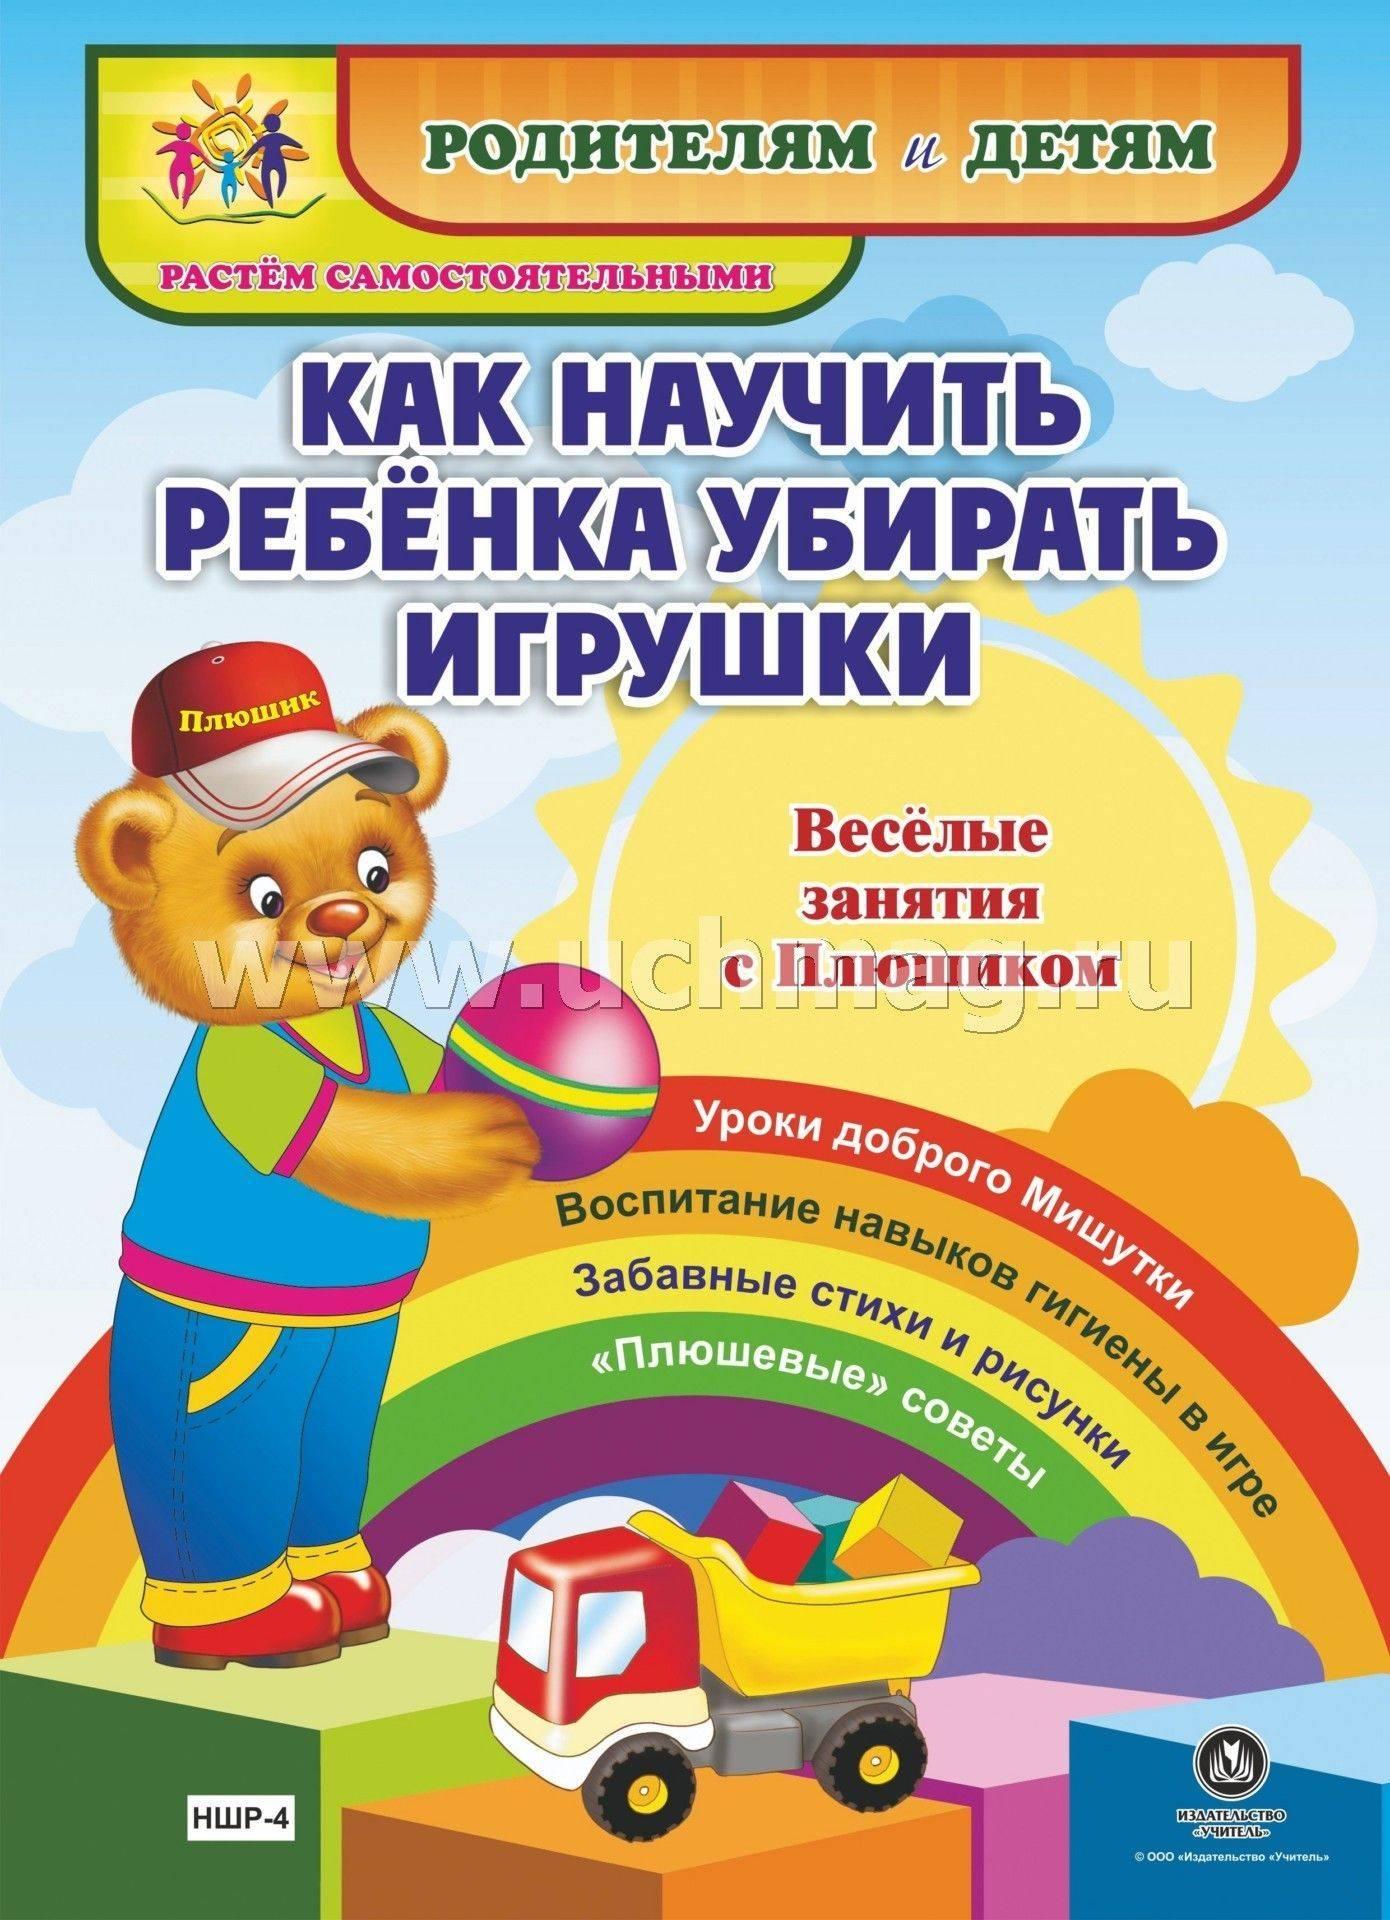 Как приучить ребенка убирать игрушки за собой: действенные советы